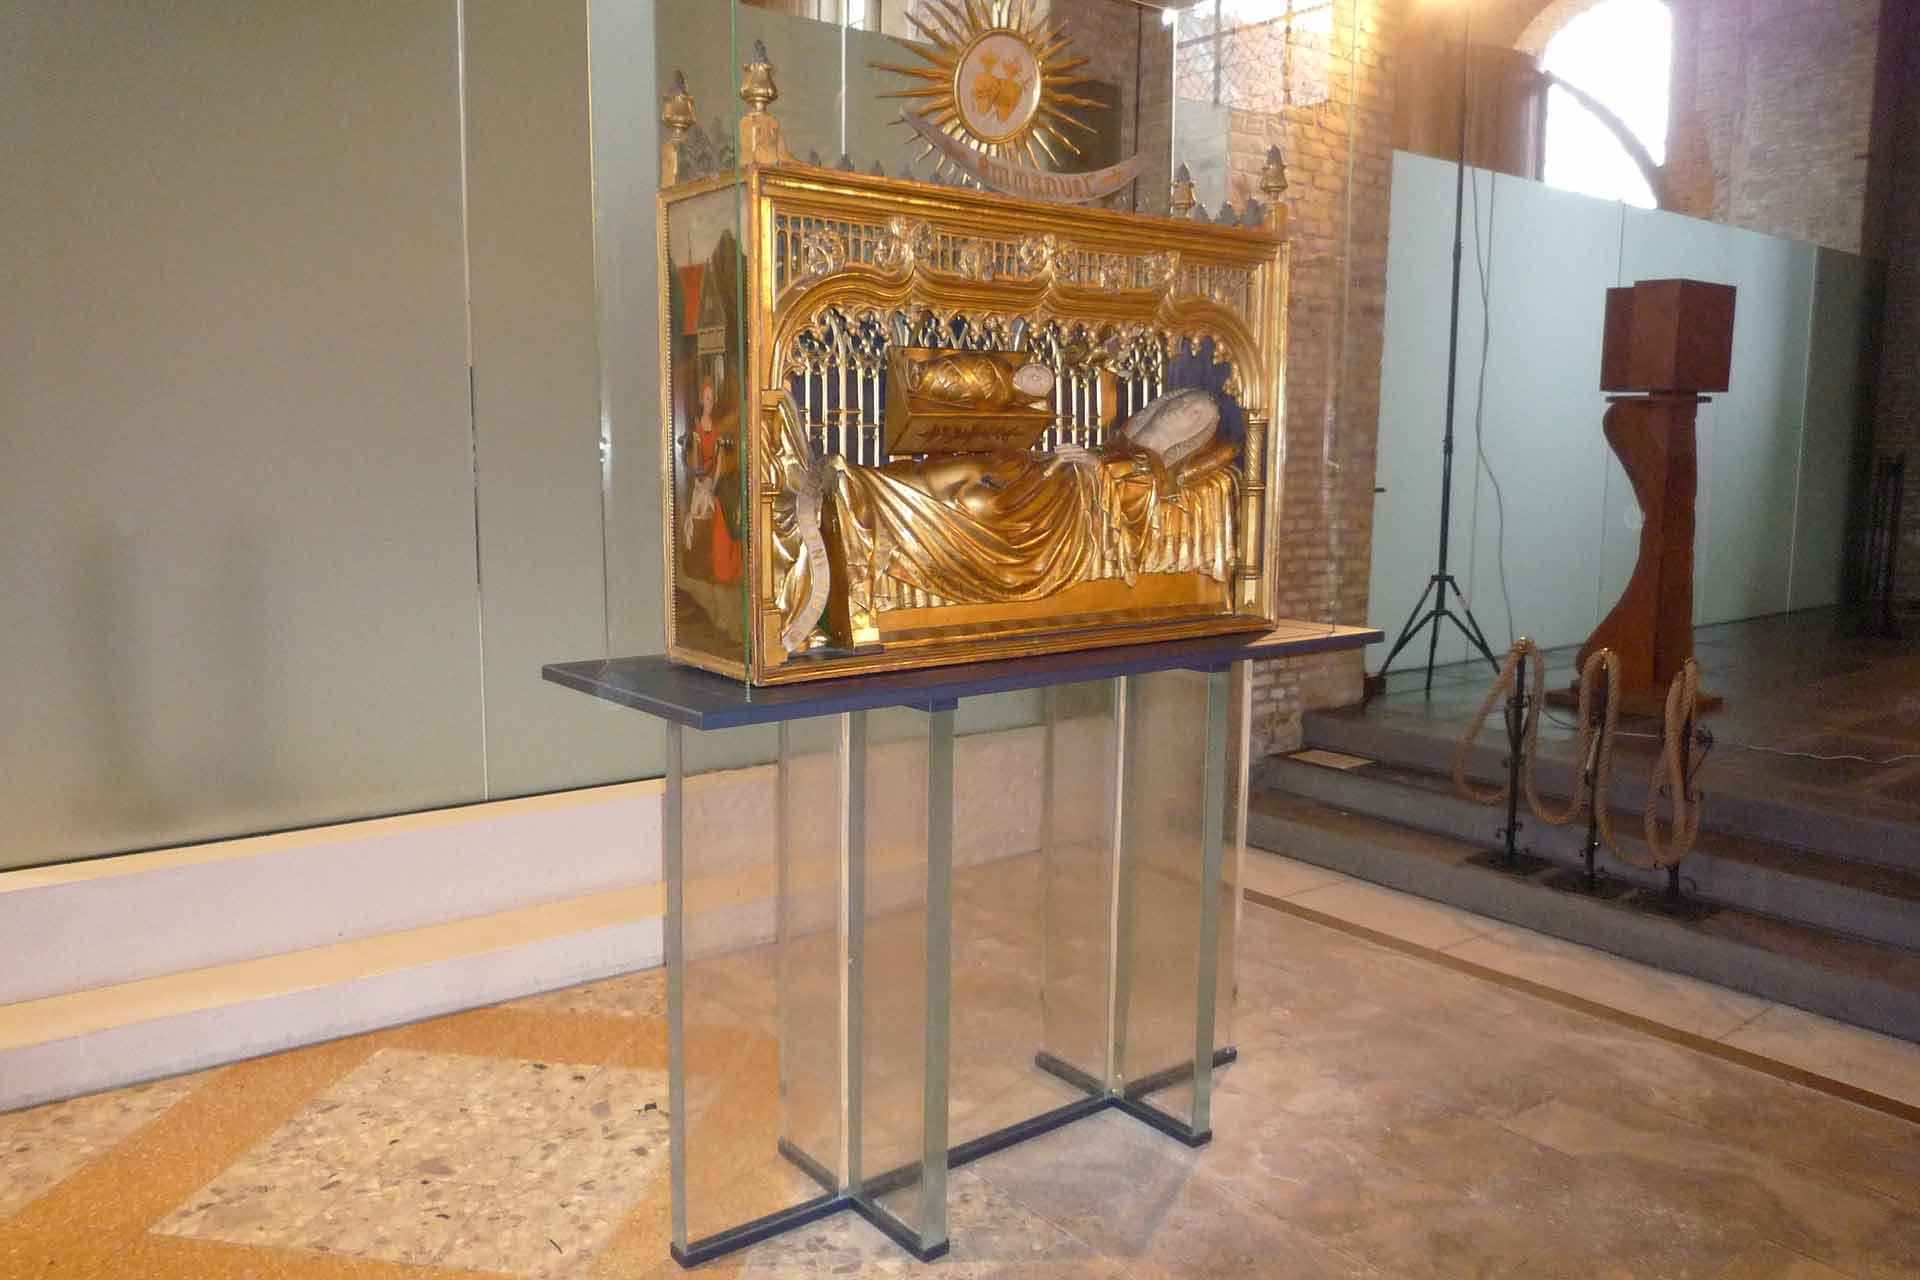 Meuble support en verre de la châsse de l'église de Saint Jean-Baptiste de Bourbourg réalisé par le Maître Verrier Olivier Juteau